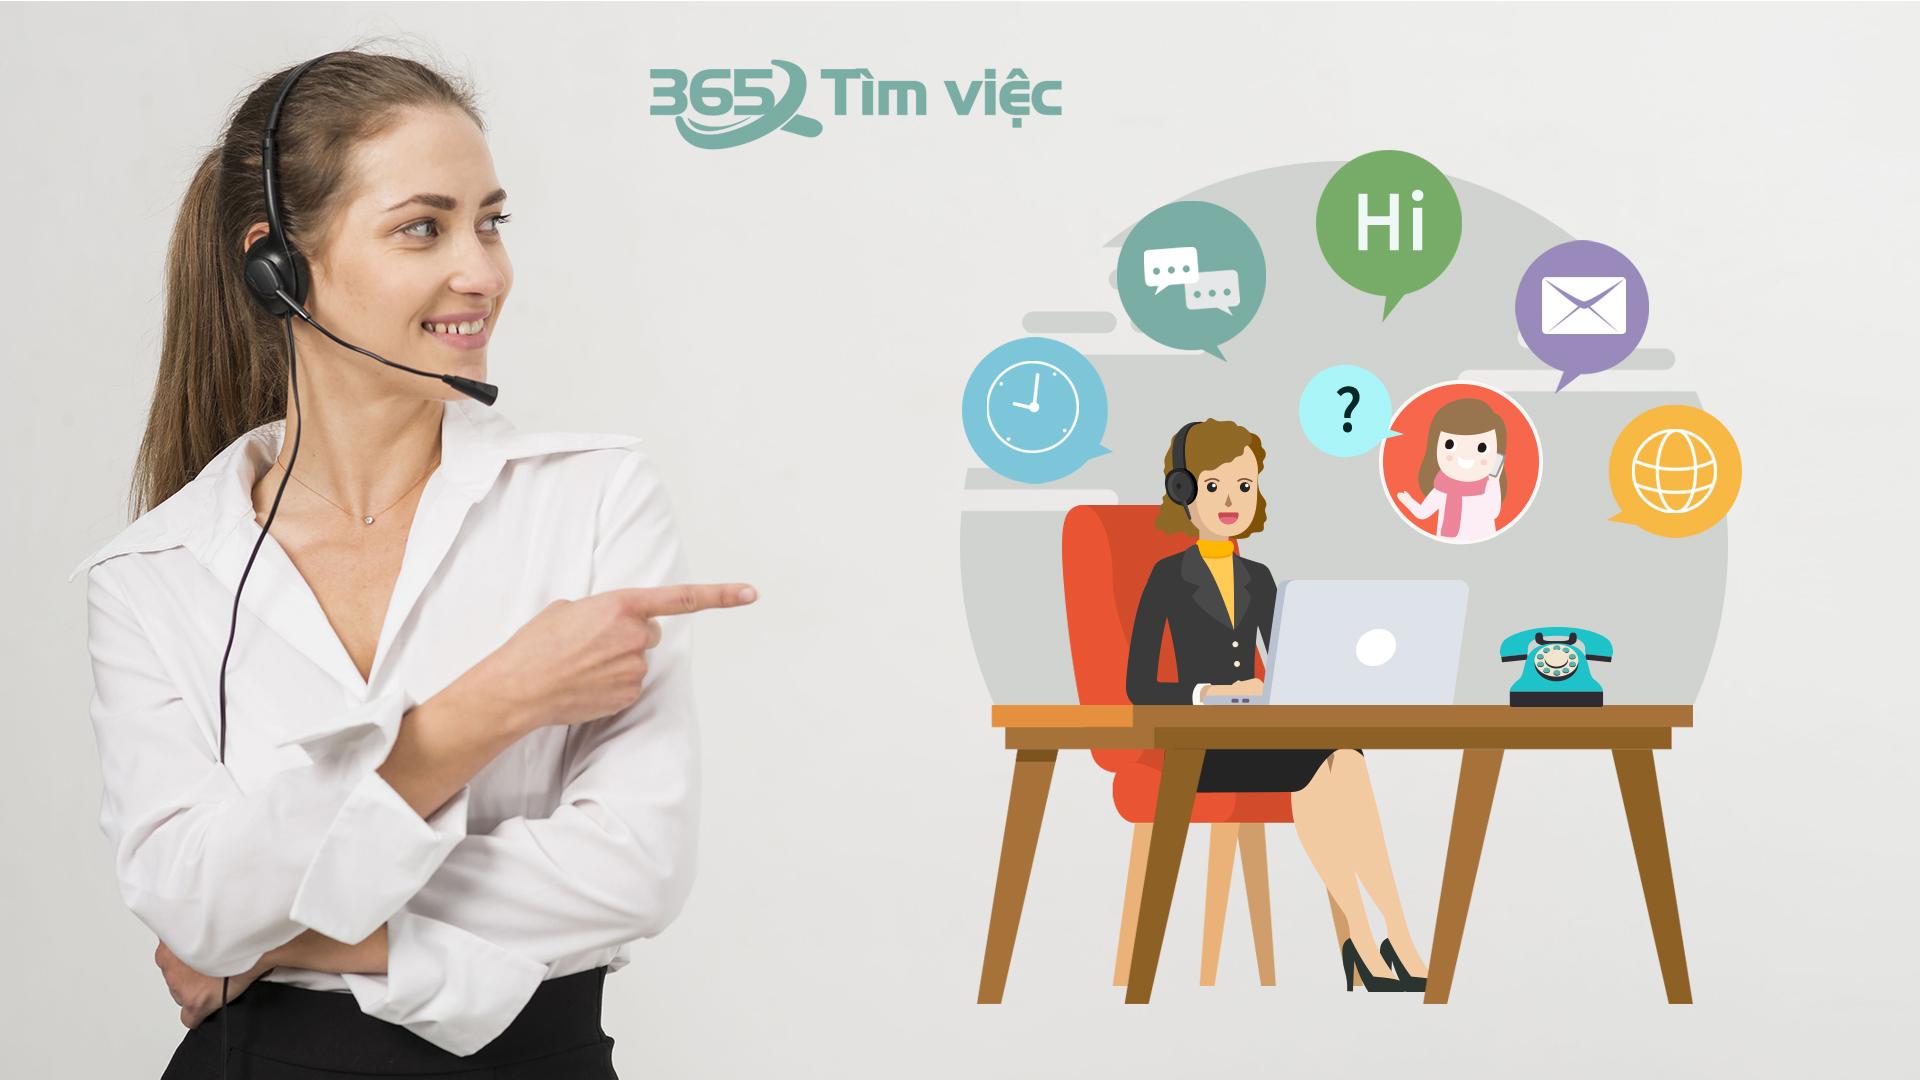 Trọn bộ câu hỏi phỏng vấn nhân viên chăm sóc khách hàng đầy đủ!